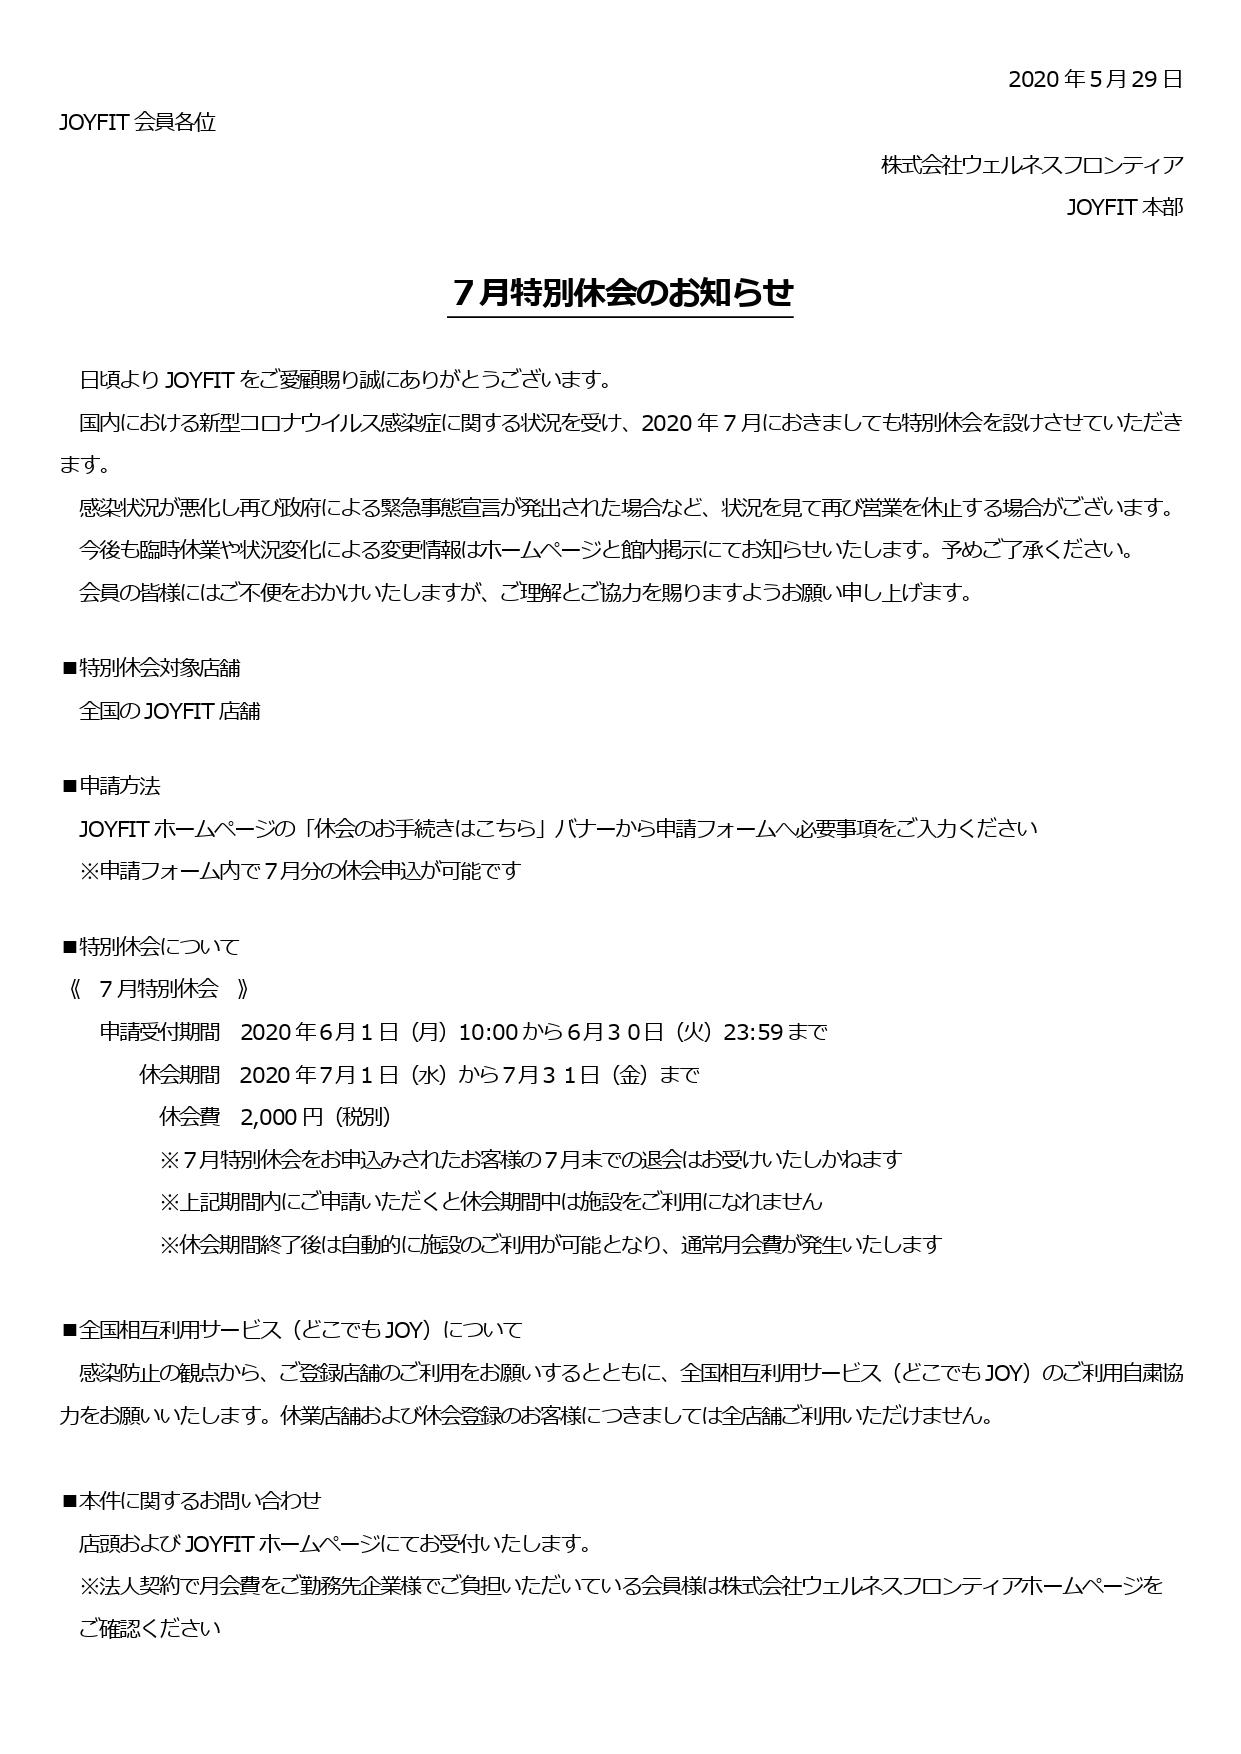 7月特別休会のお知らせ【 JOYFIT 】 初稿@+ (2)_page-0001